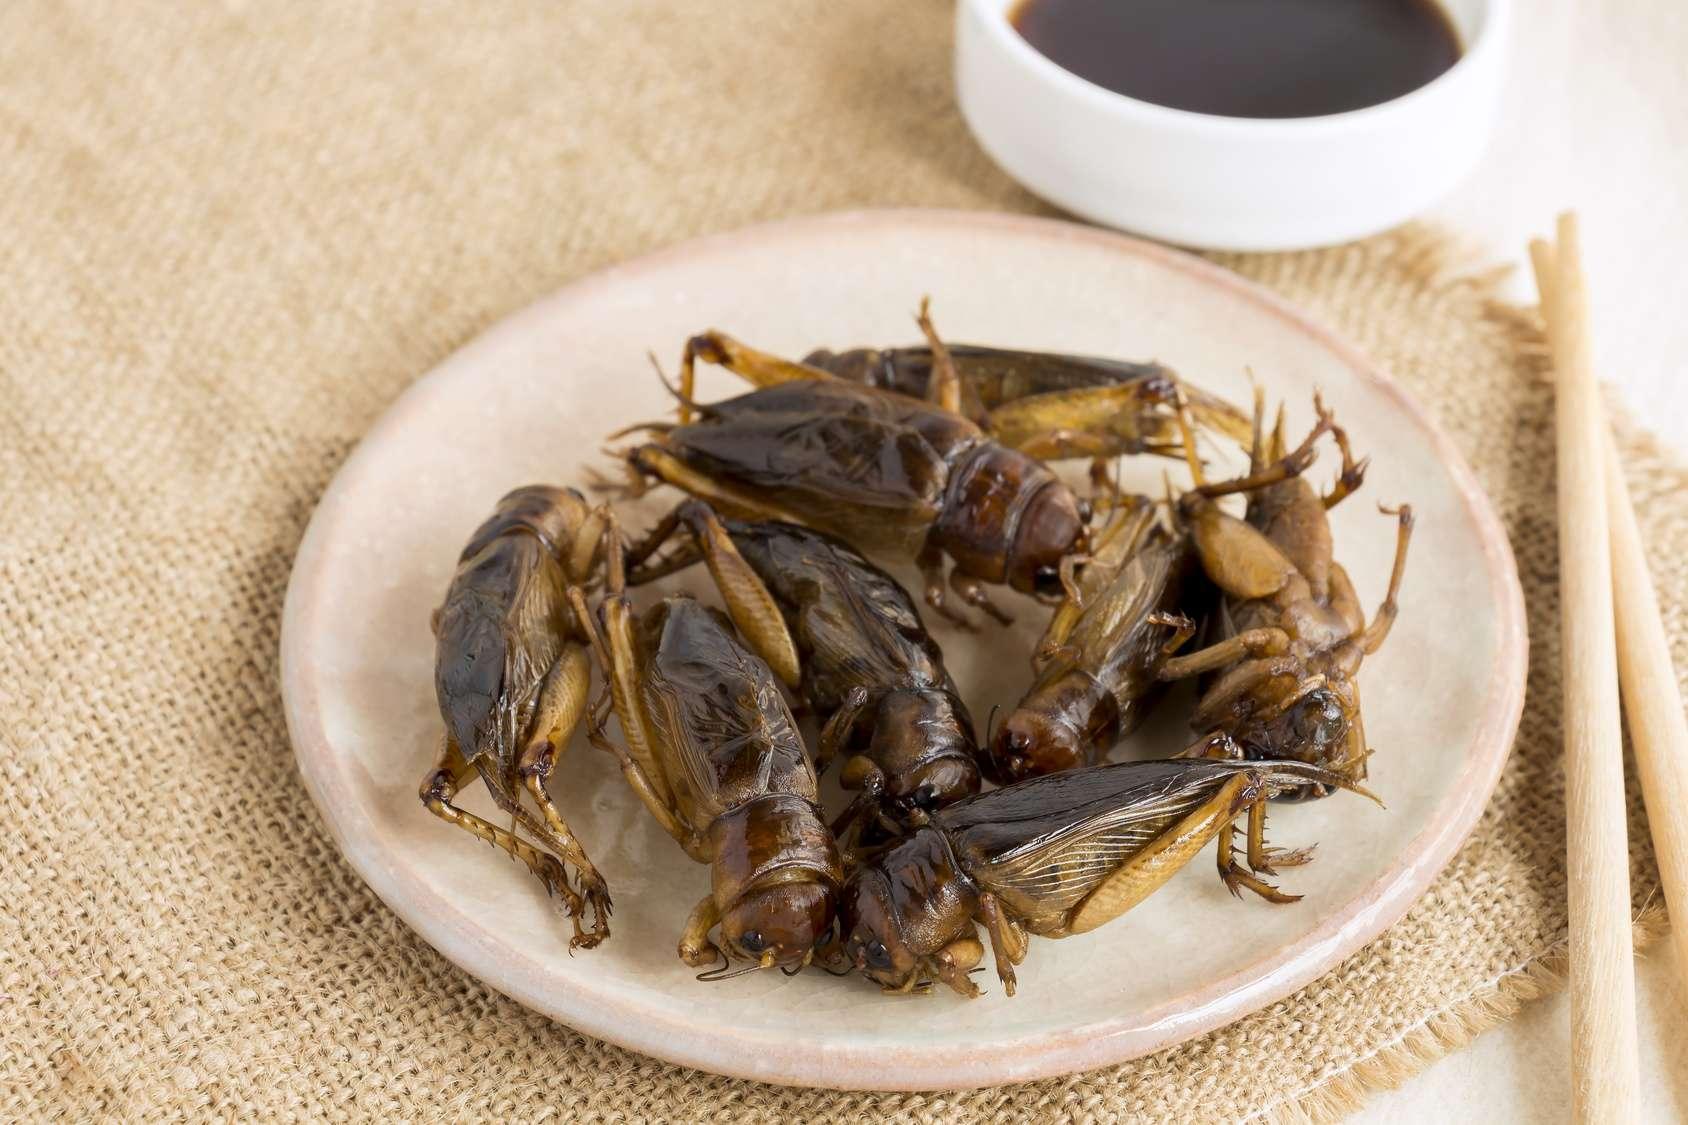 Les insectes, une excellente source d'antioxydants, protéines, minéraux et acides aminés. © nicemyphoto - Fotolia